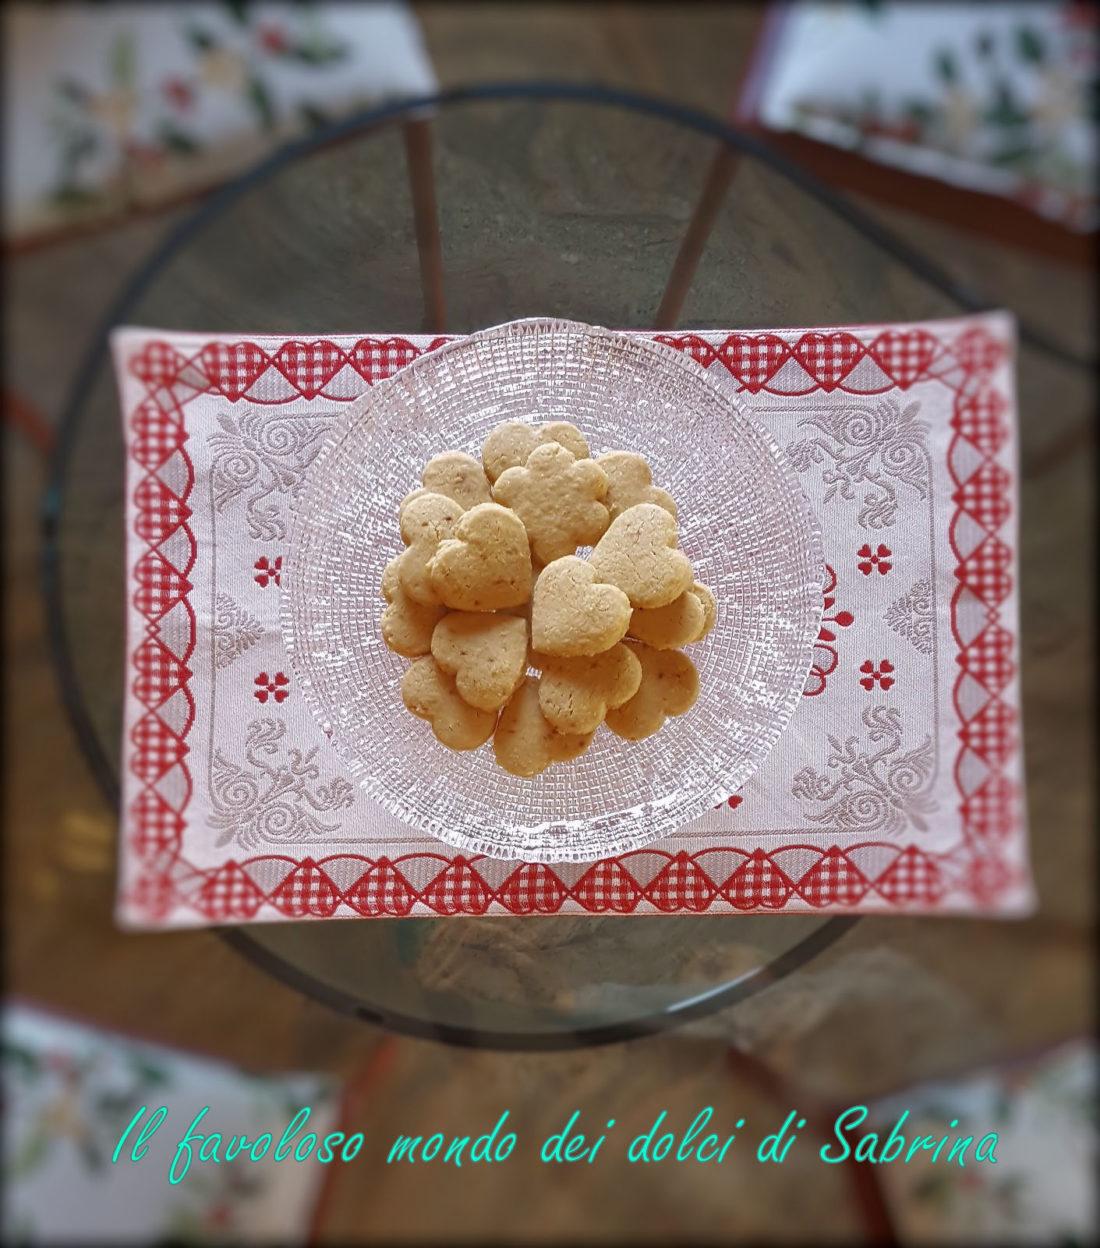 Biscotti con farina di riso, cocco, mandorle e zucchero di cocco integrale bio